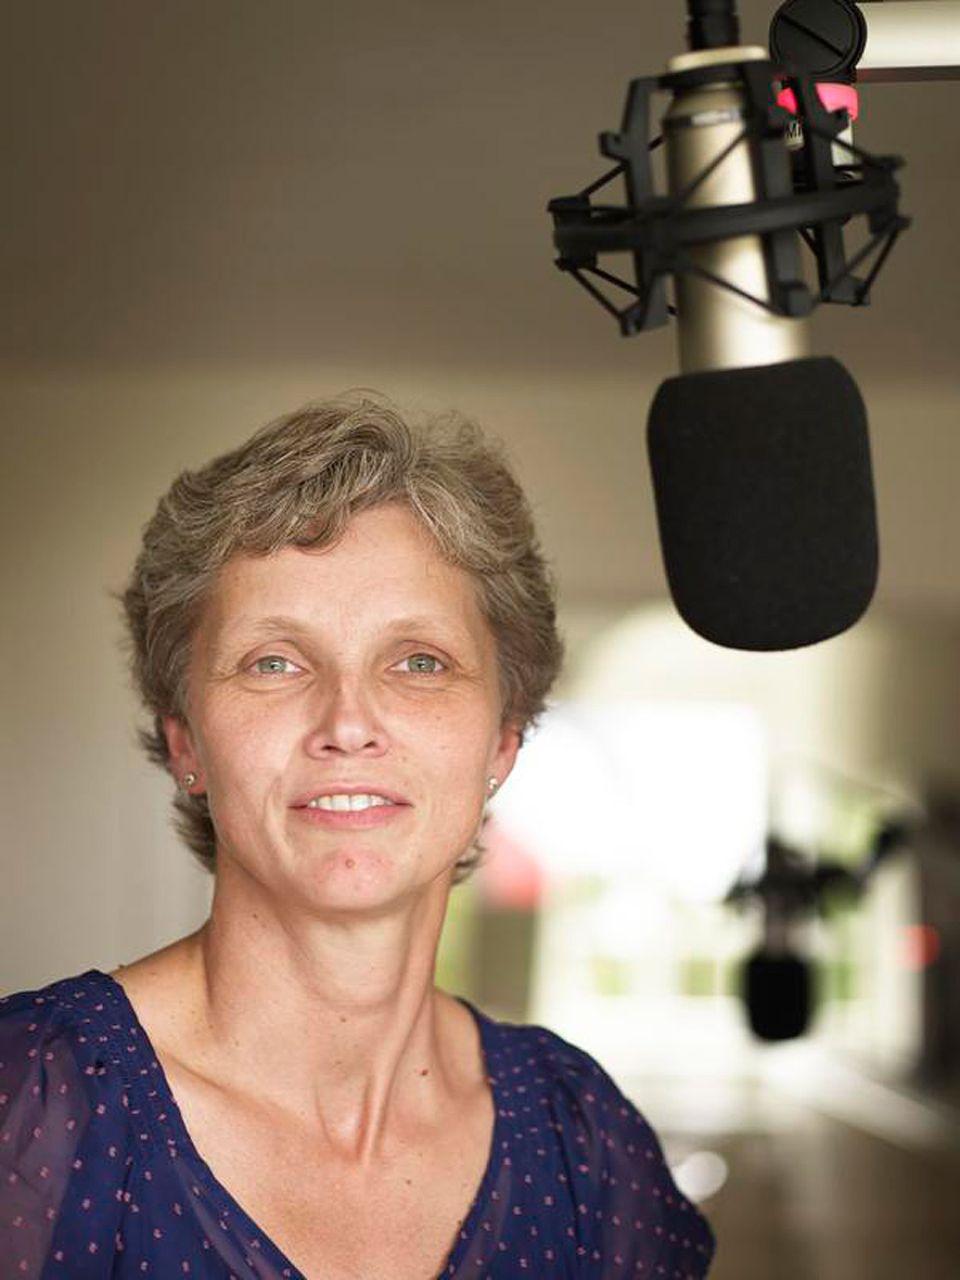 Föhr: Heike Volkerts ist seit 2010 mit dem FriiskFunk auf Sendung